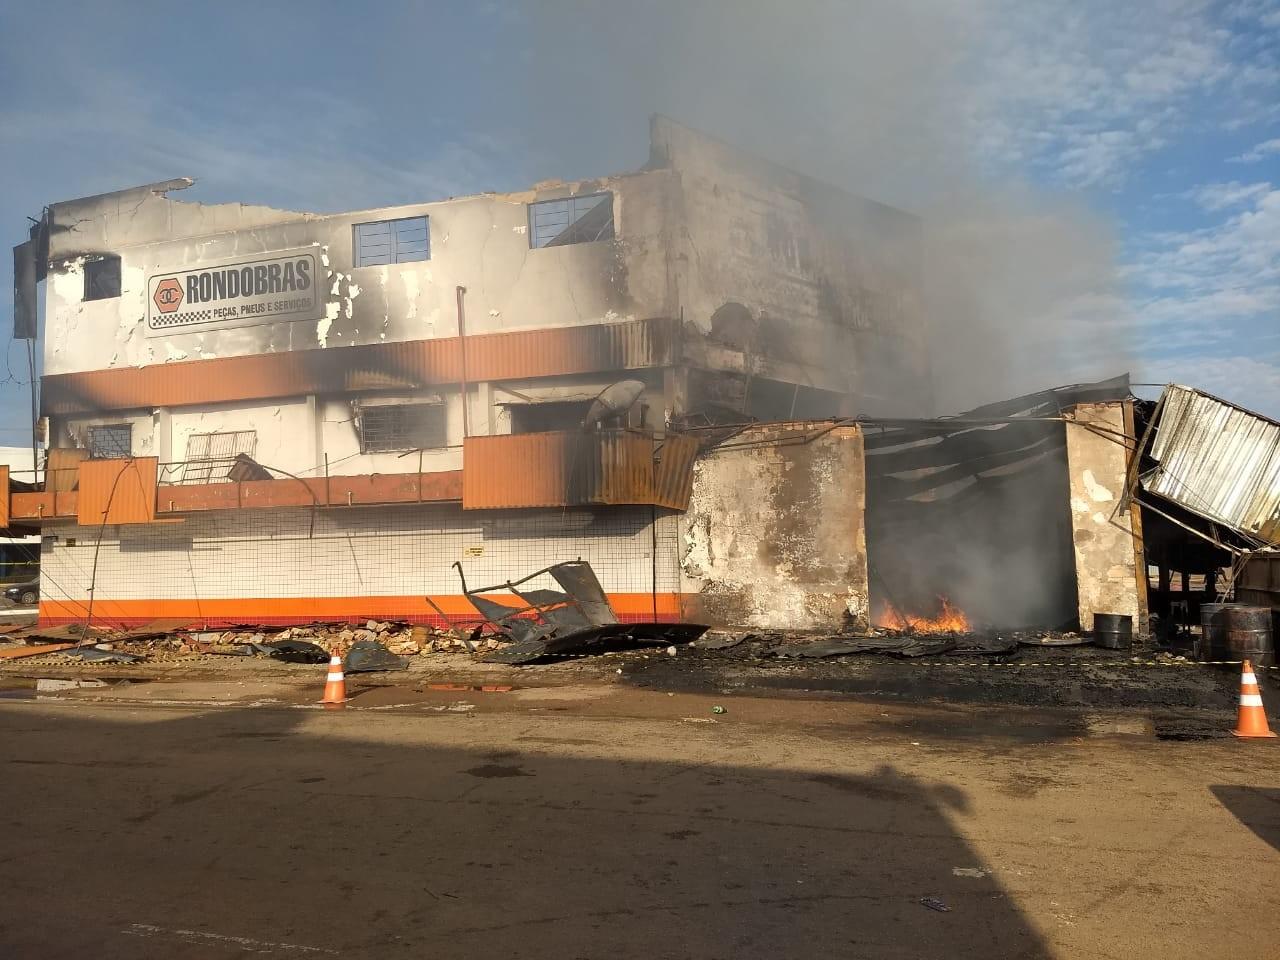 Após 12h de incêndio, loja de dois andares continua queimando em Porto Velho - Notícias - Plantão Diário